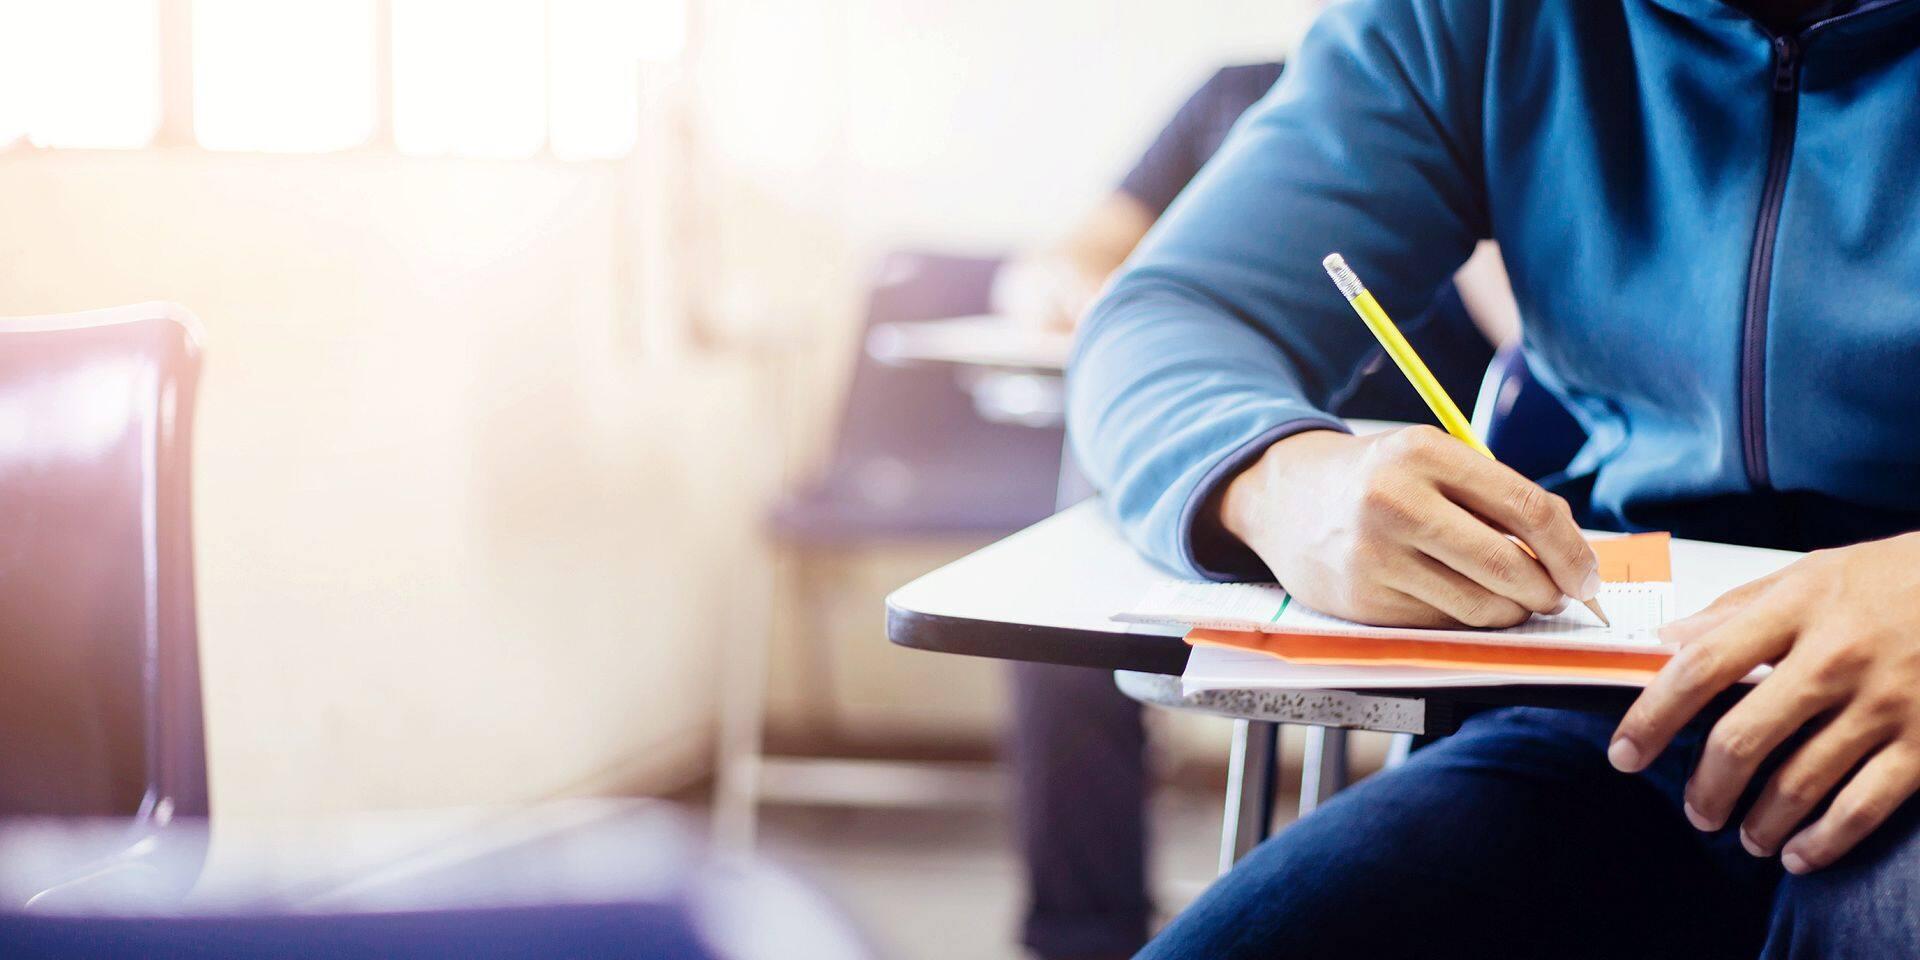 L'école libre introduit un recours contre l'inégalité des réseaux